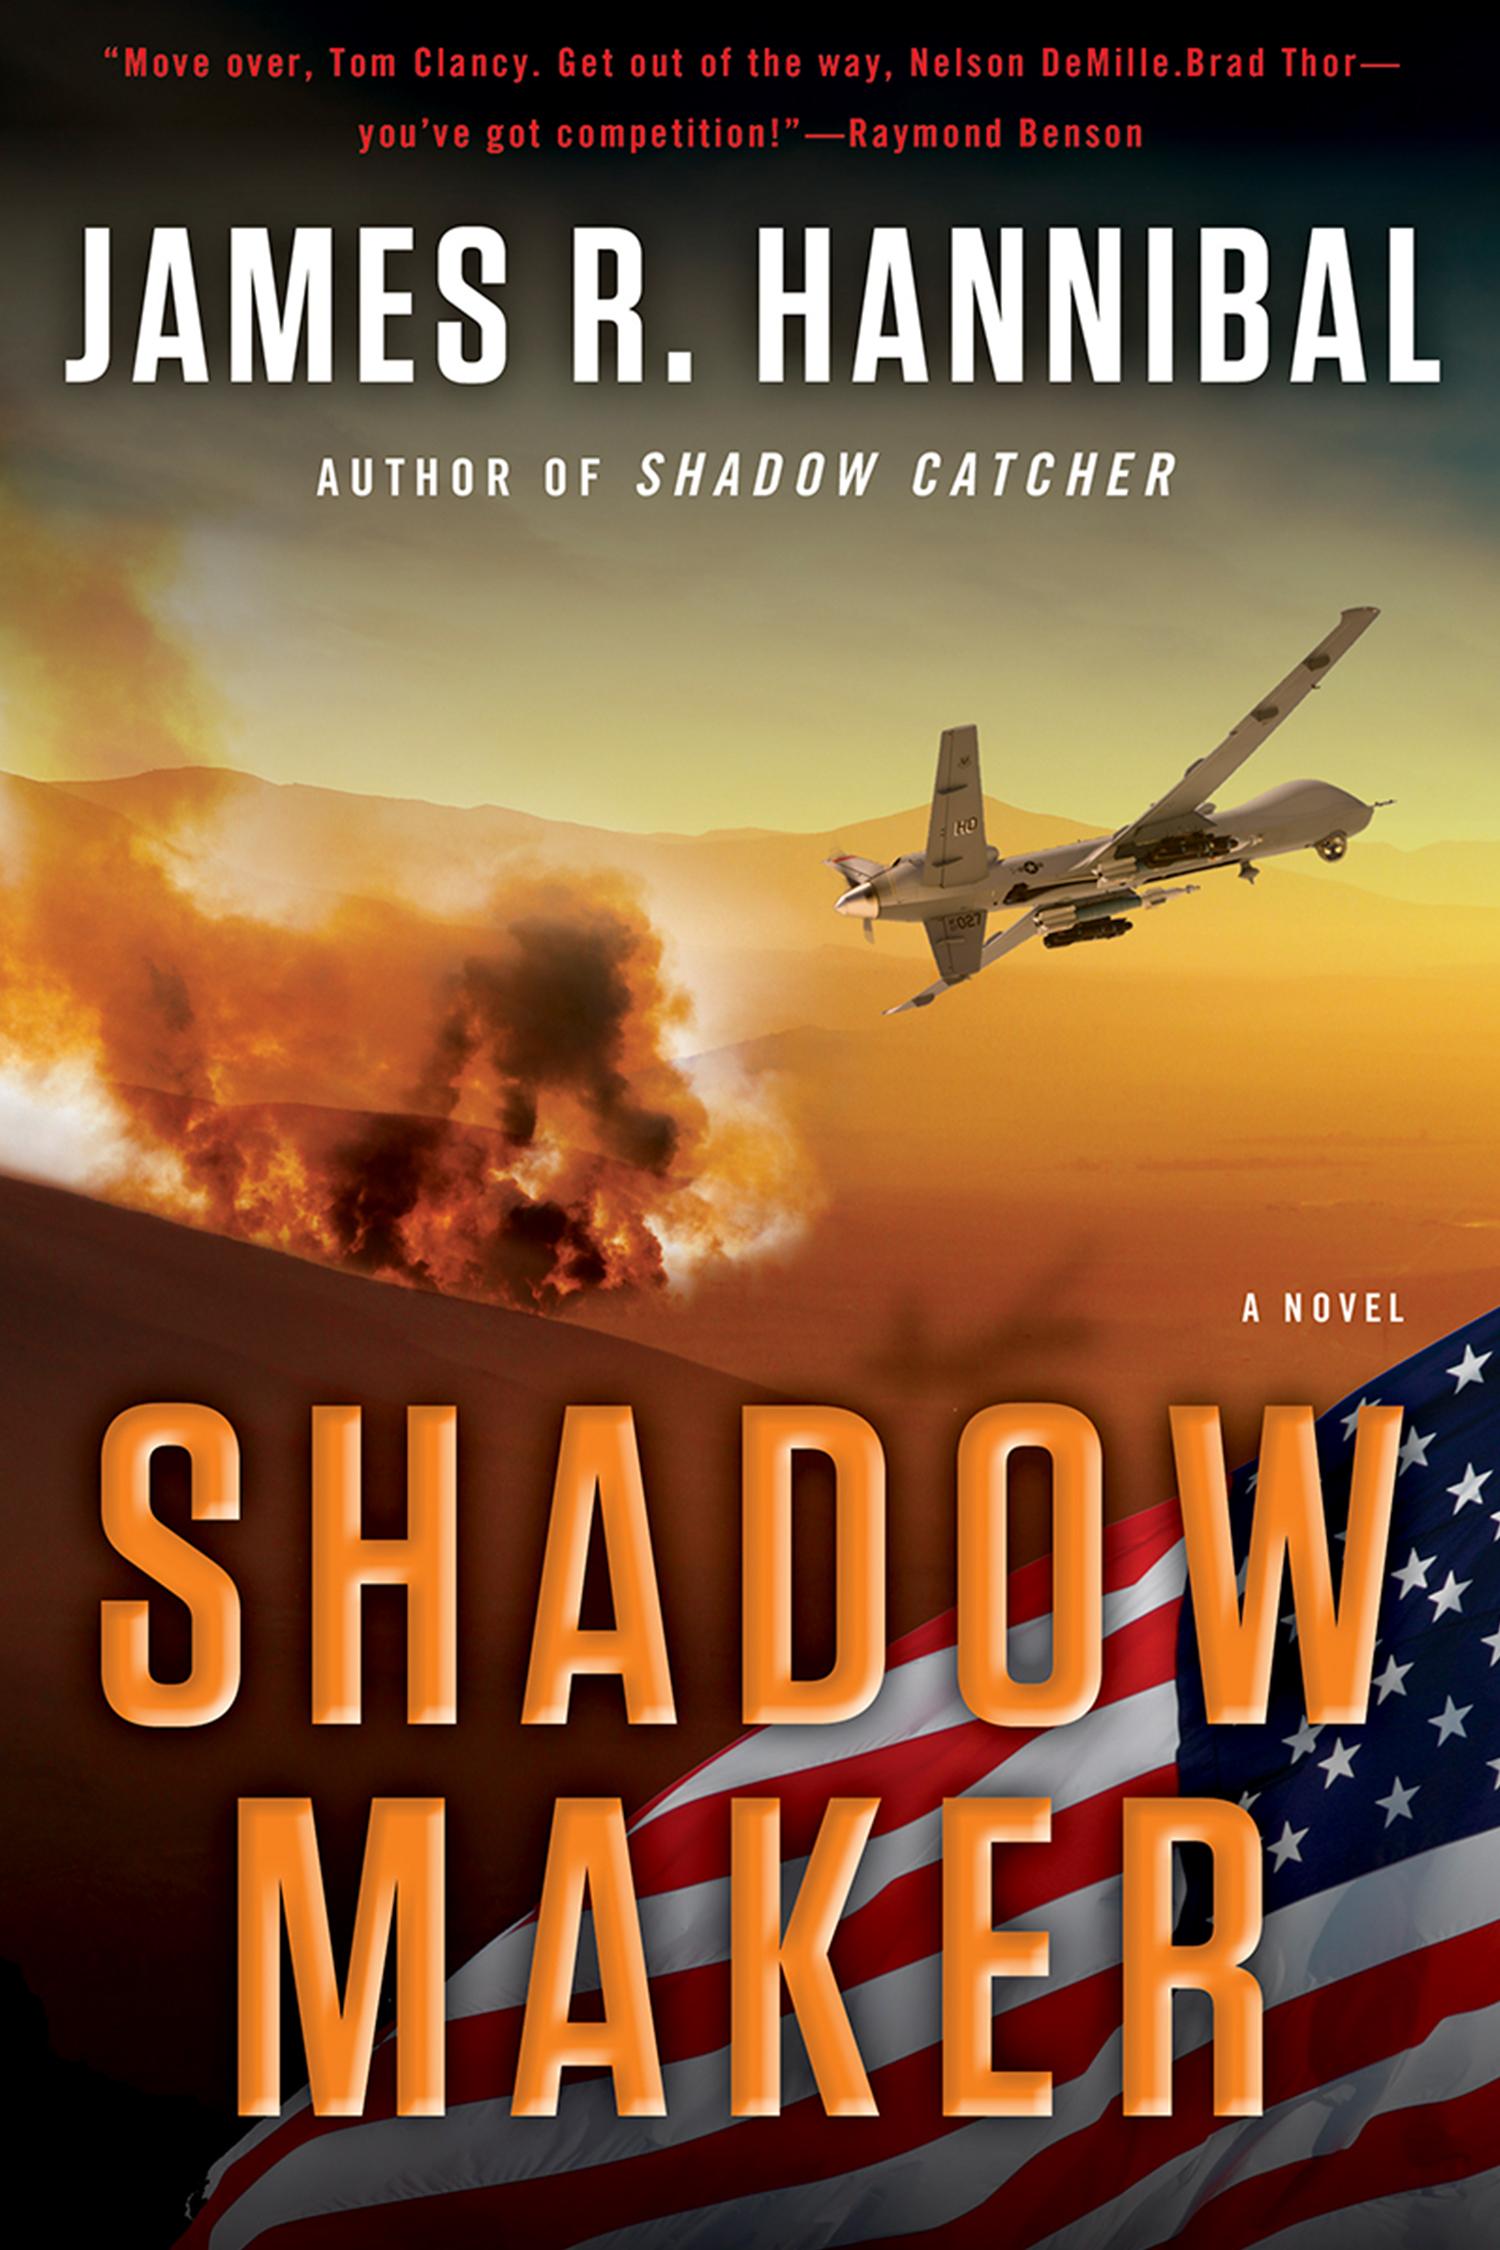 ShadowMakerStandard